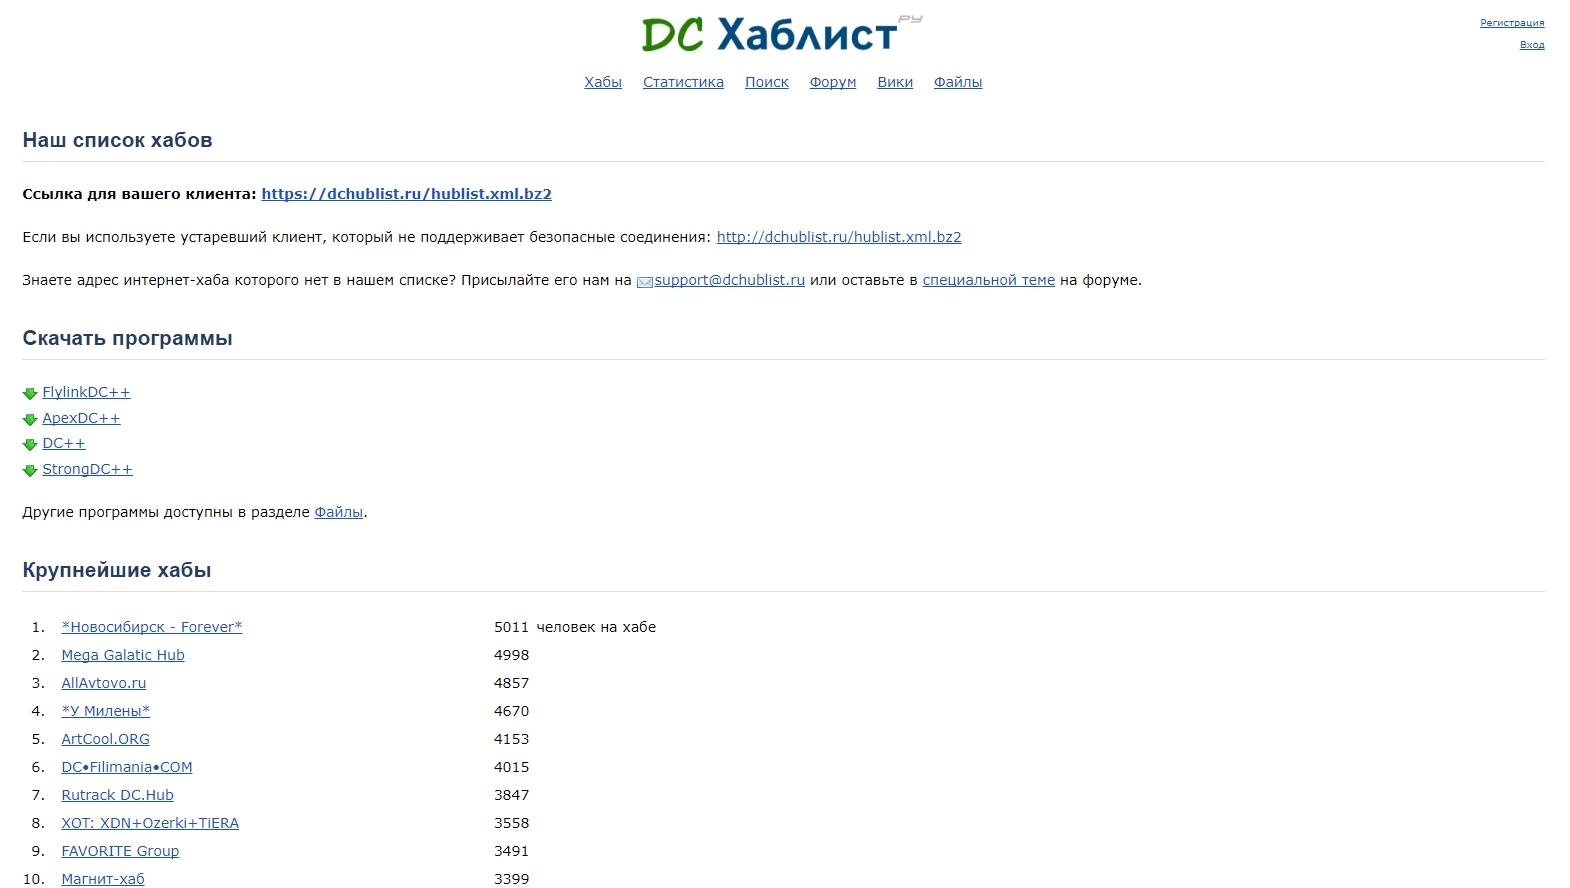 DC хаблист